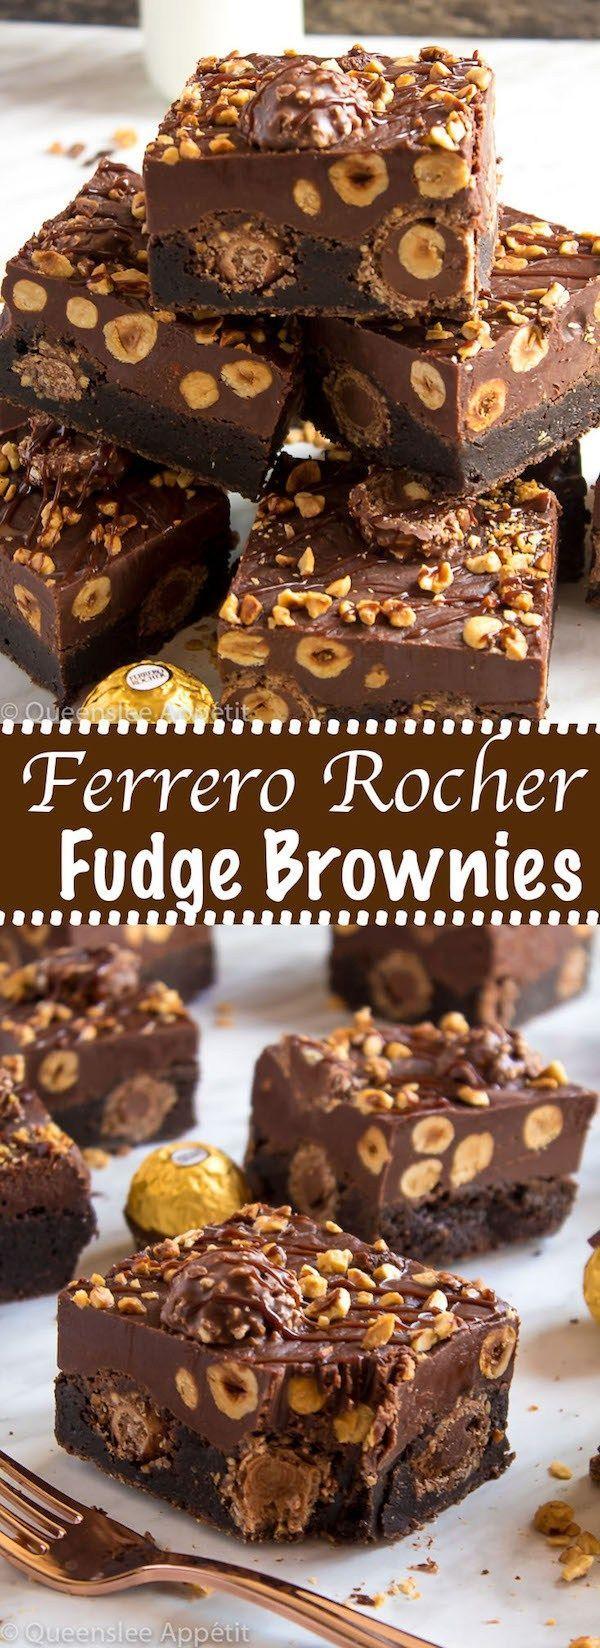 Ferrero Rocher Fudge Brownies -